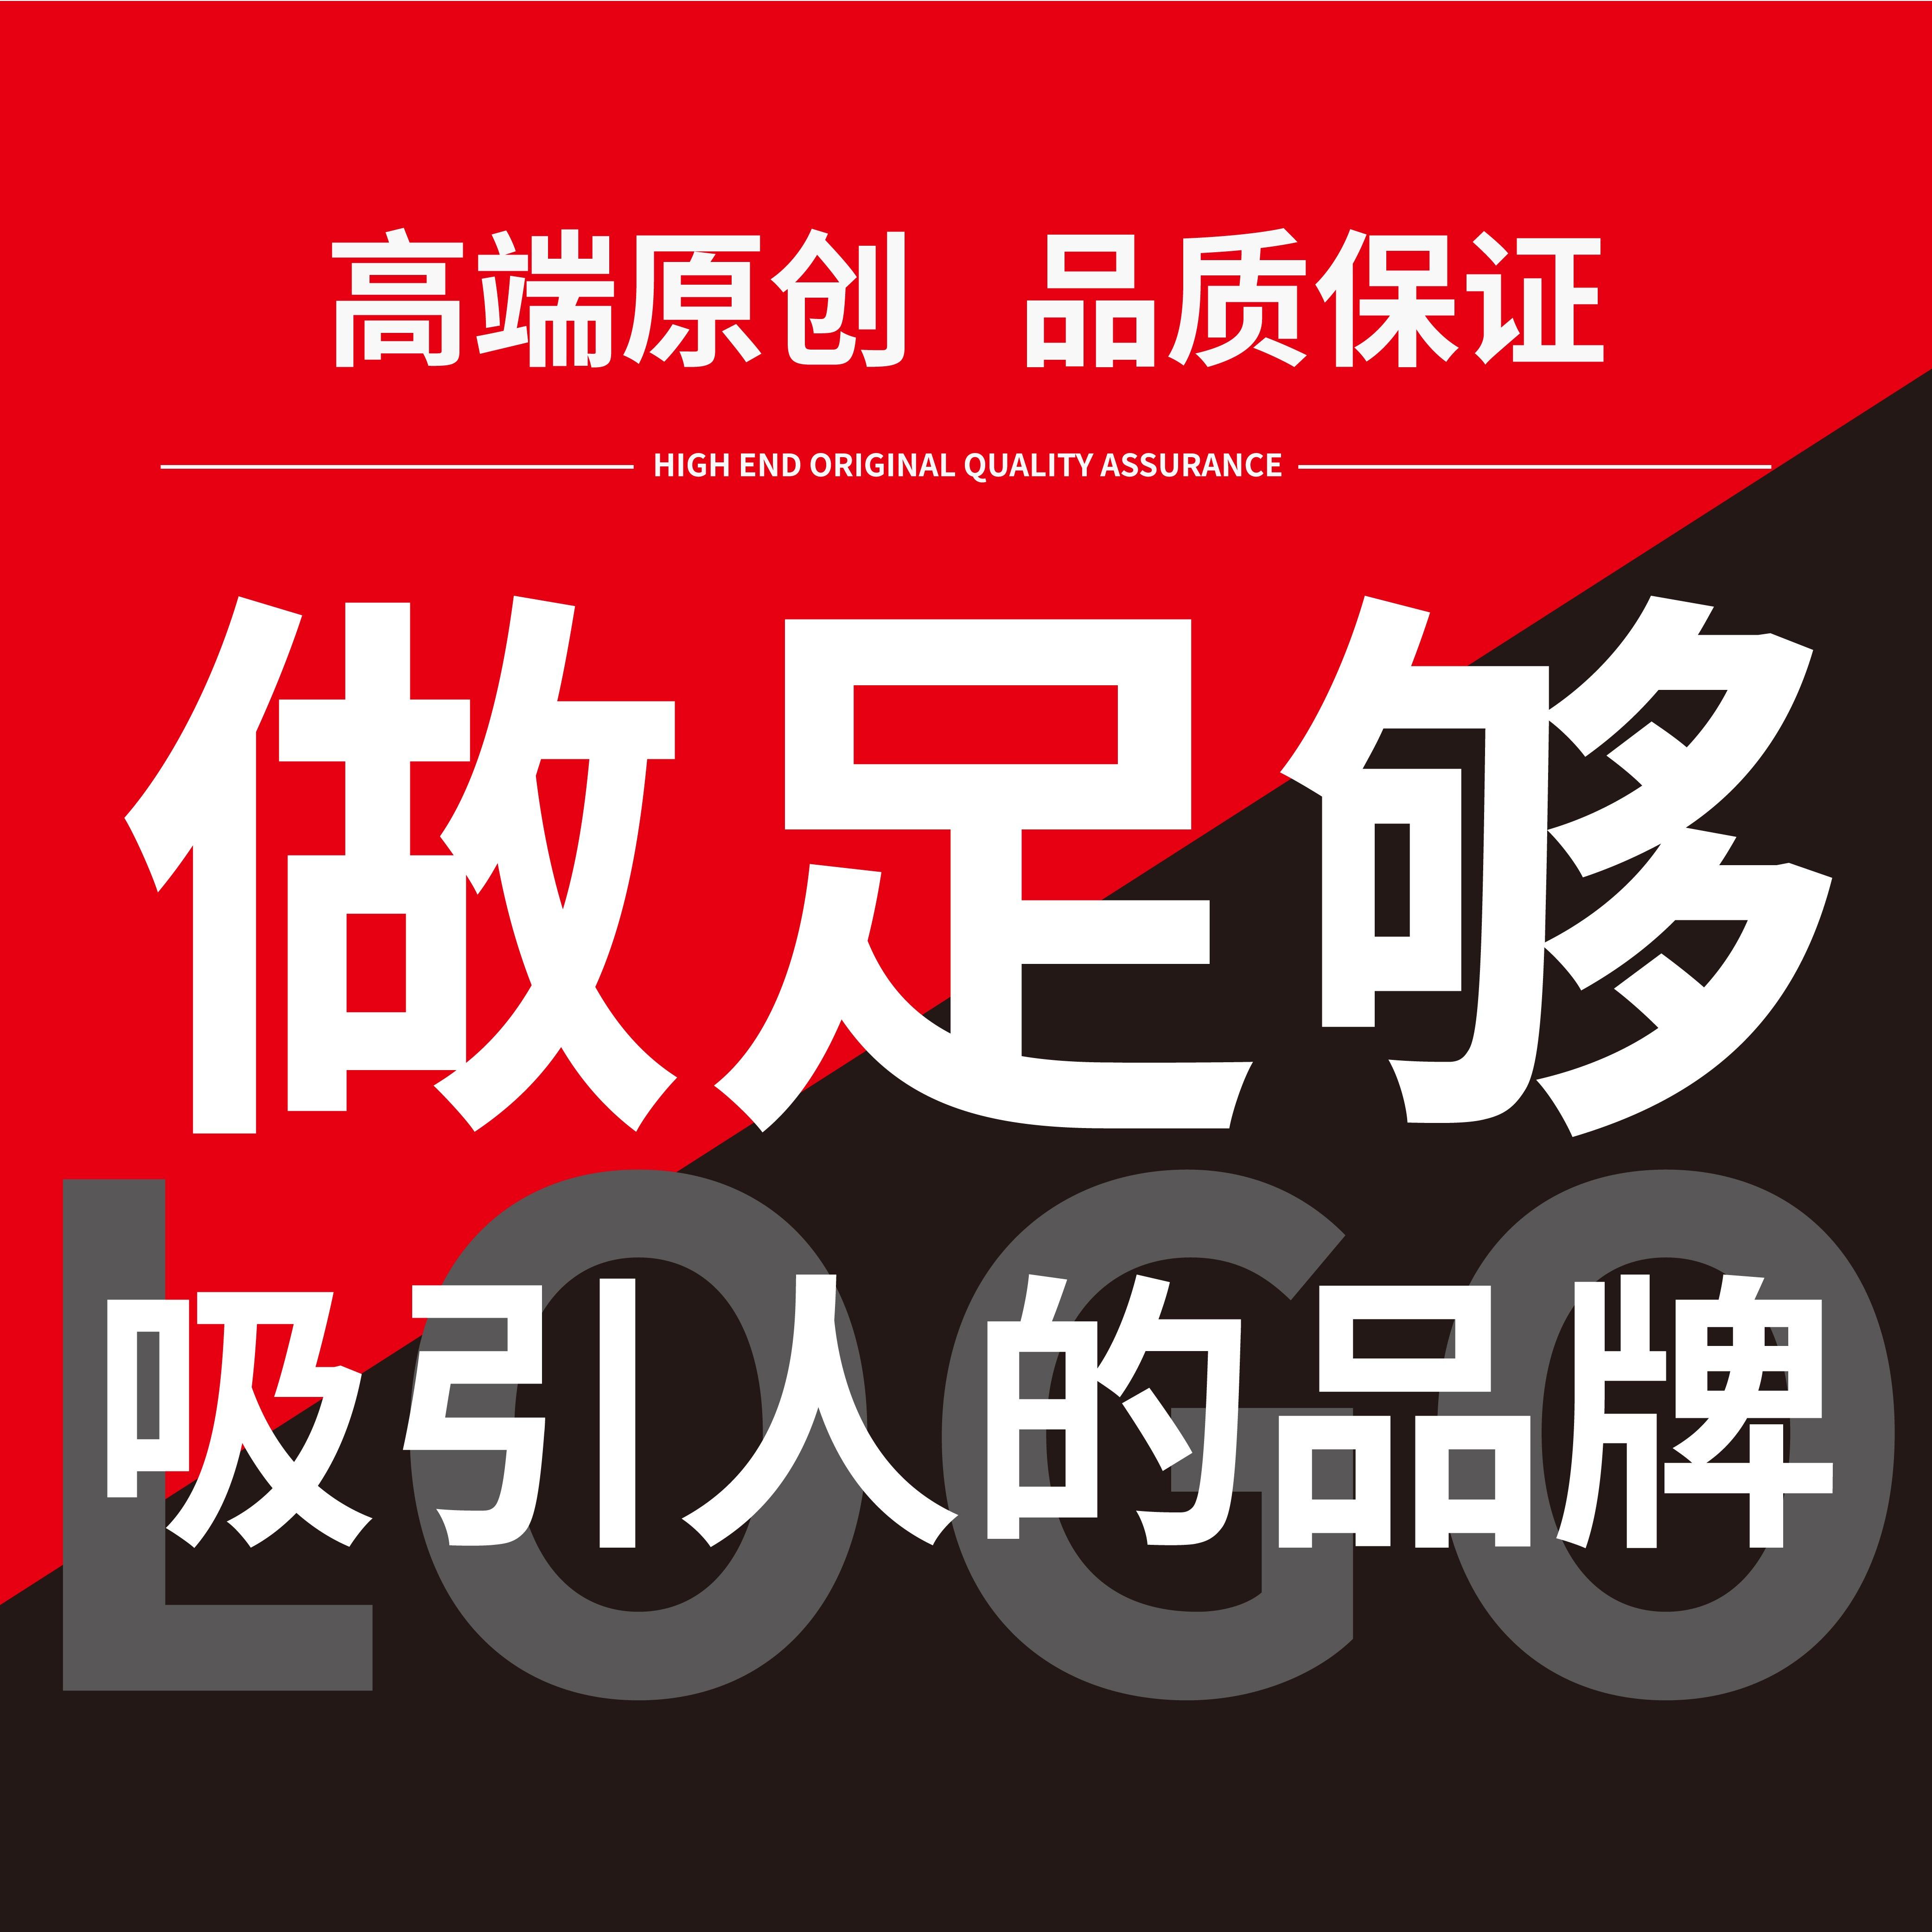 餐饮logo科技logo设计标志设计品牌设计门头设计产品标志